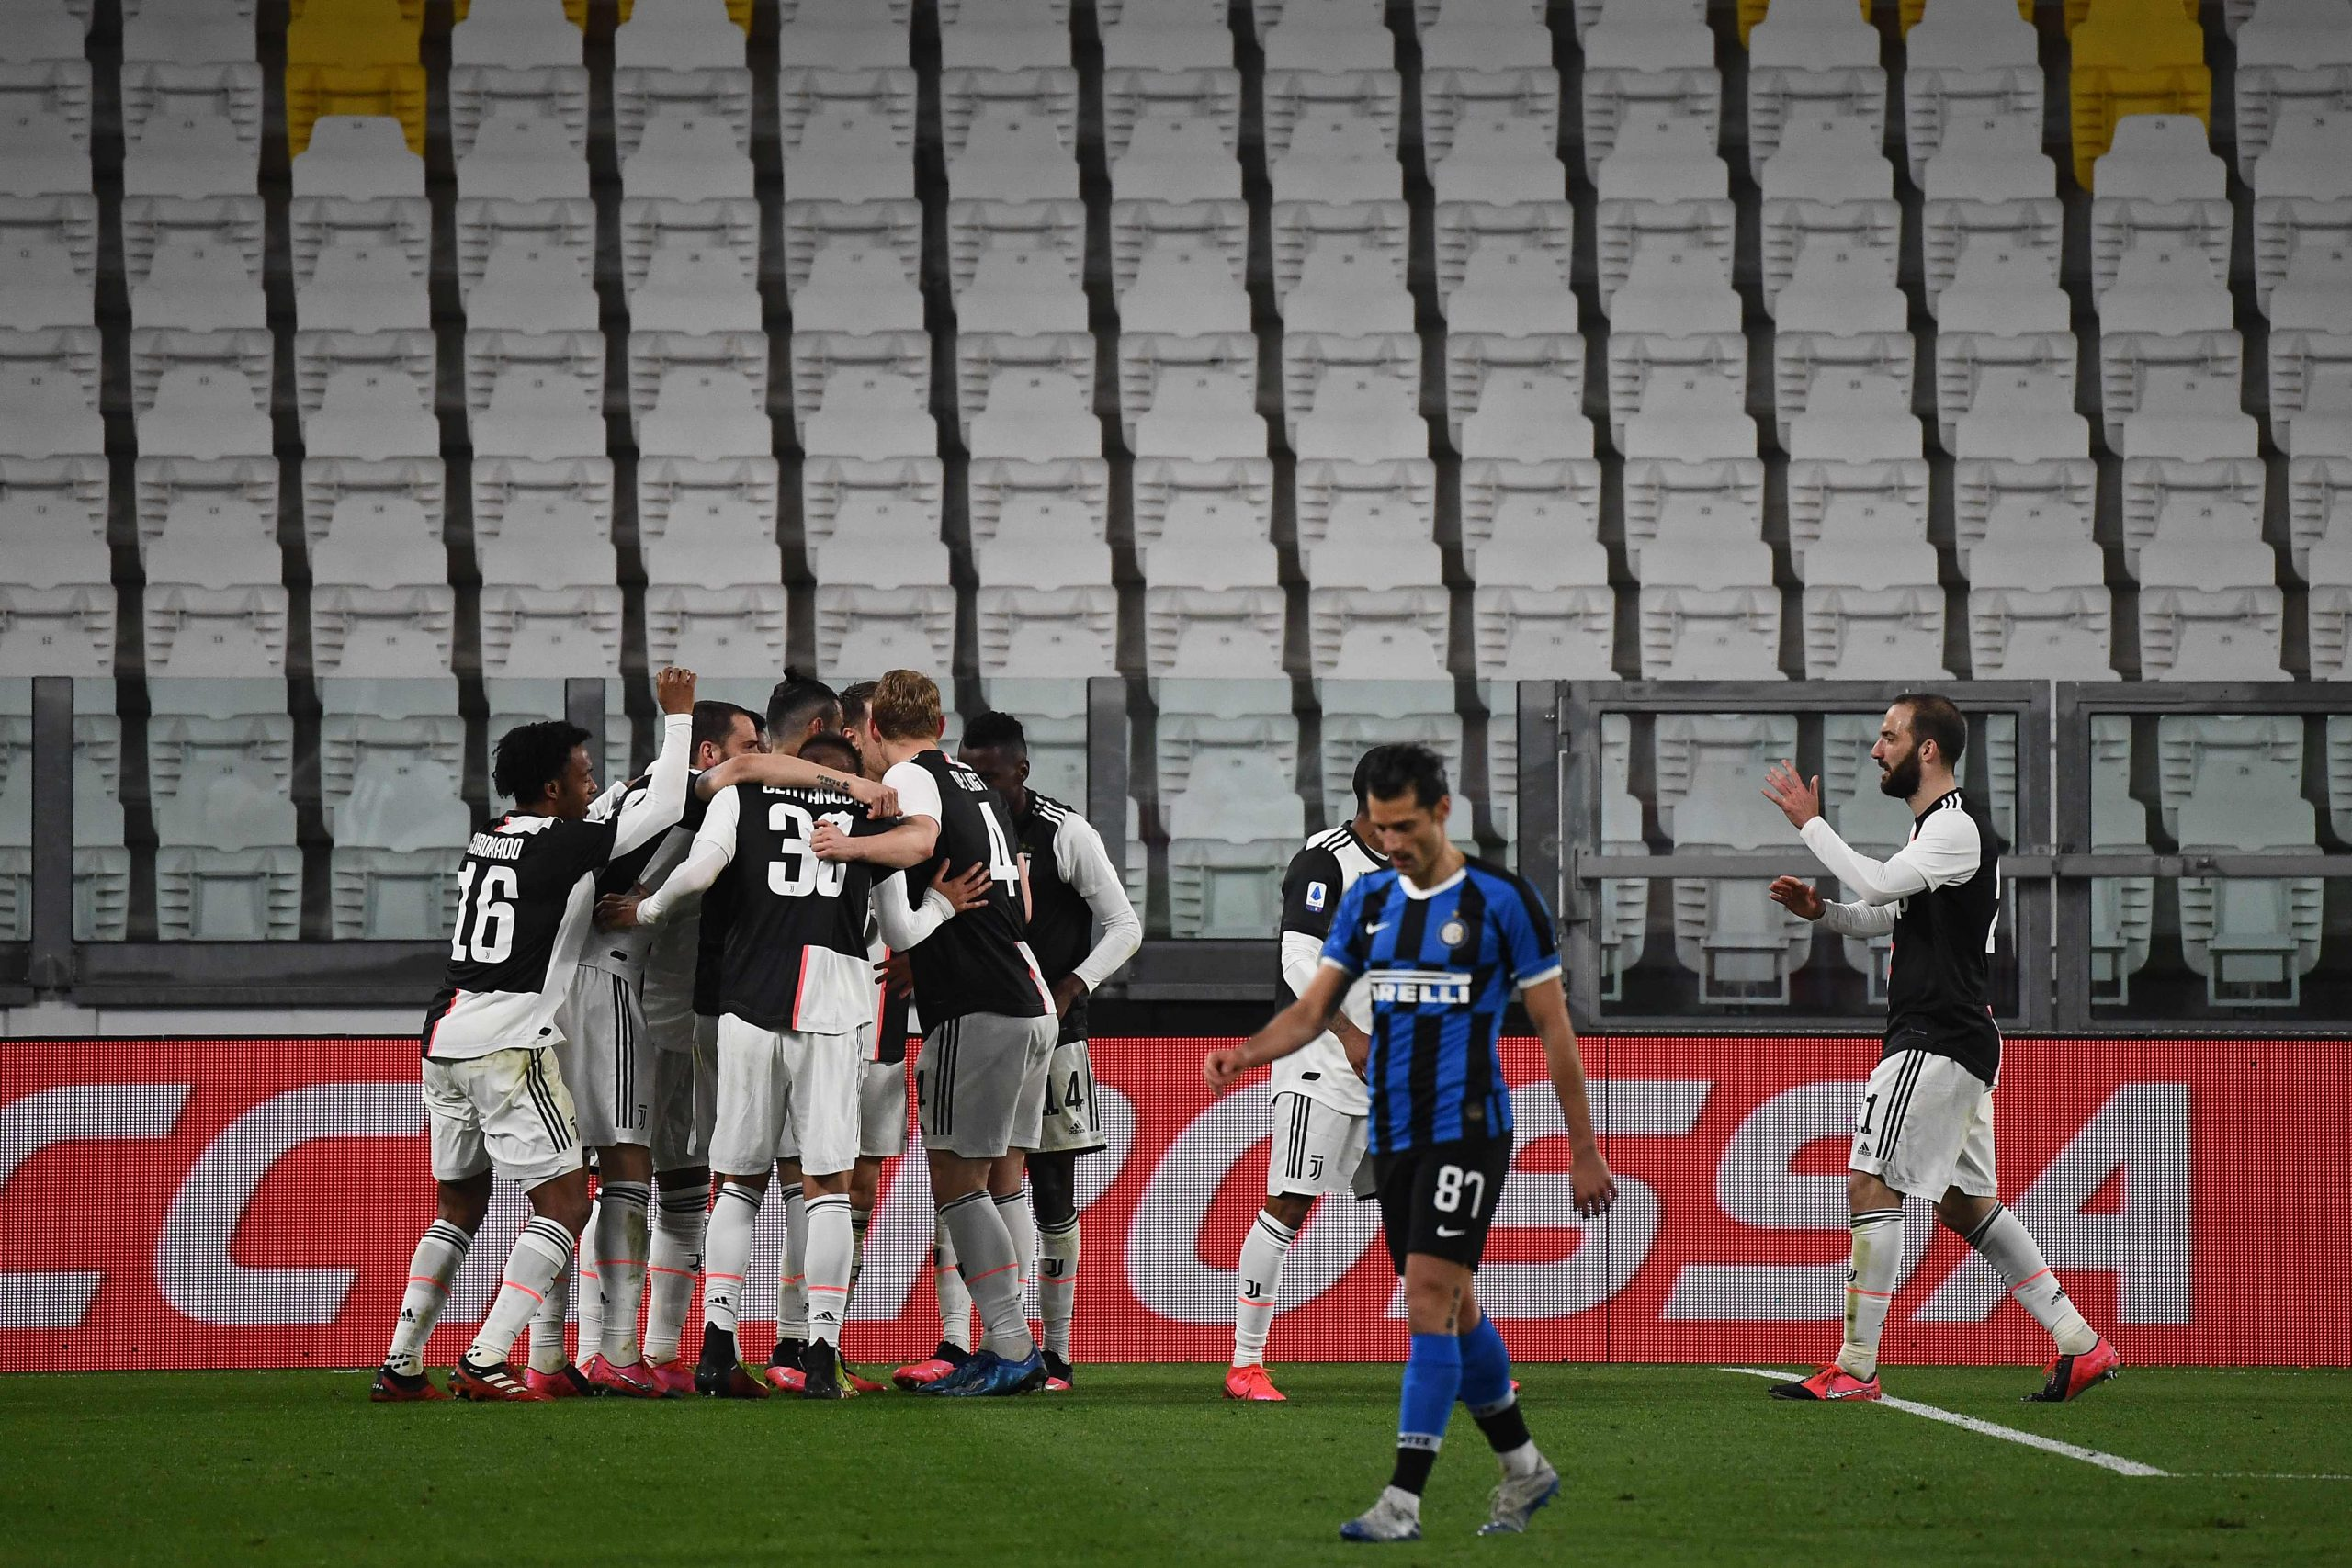 La Serie A está suspendida desde el 9 de marzo debido al coronavirus.